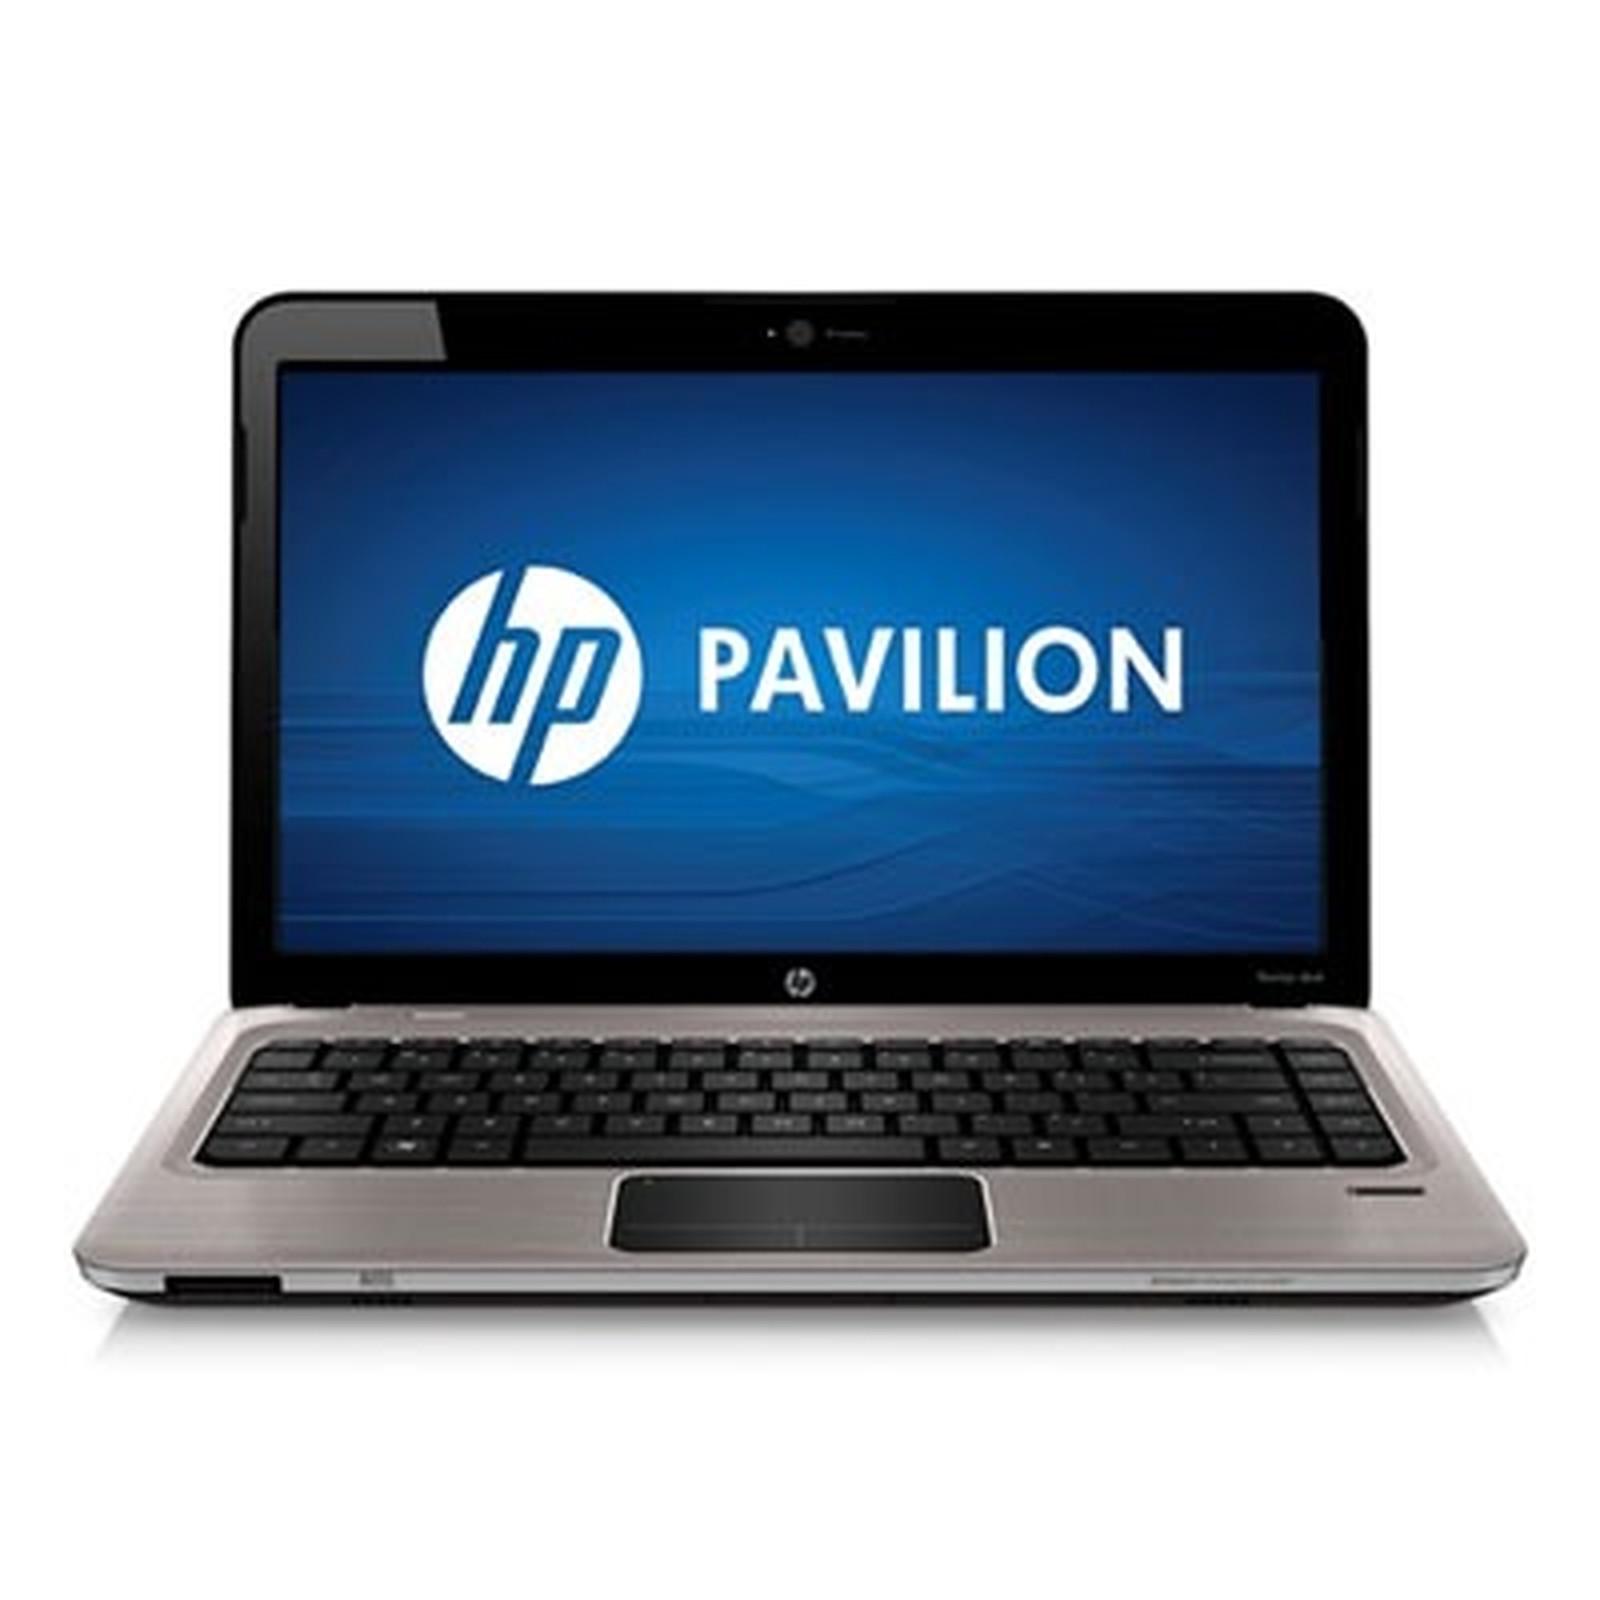 HP Pavilion dm4-1162sf